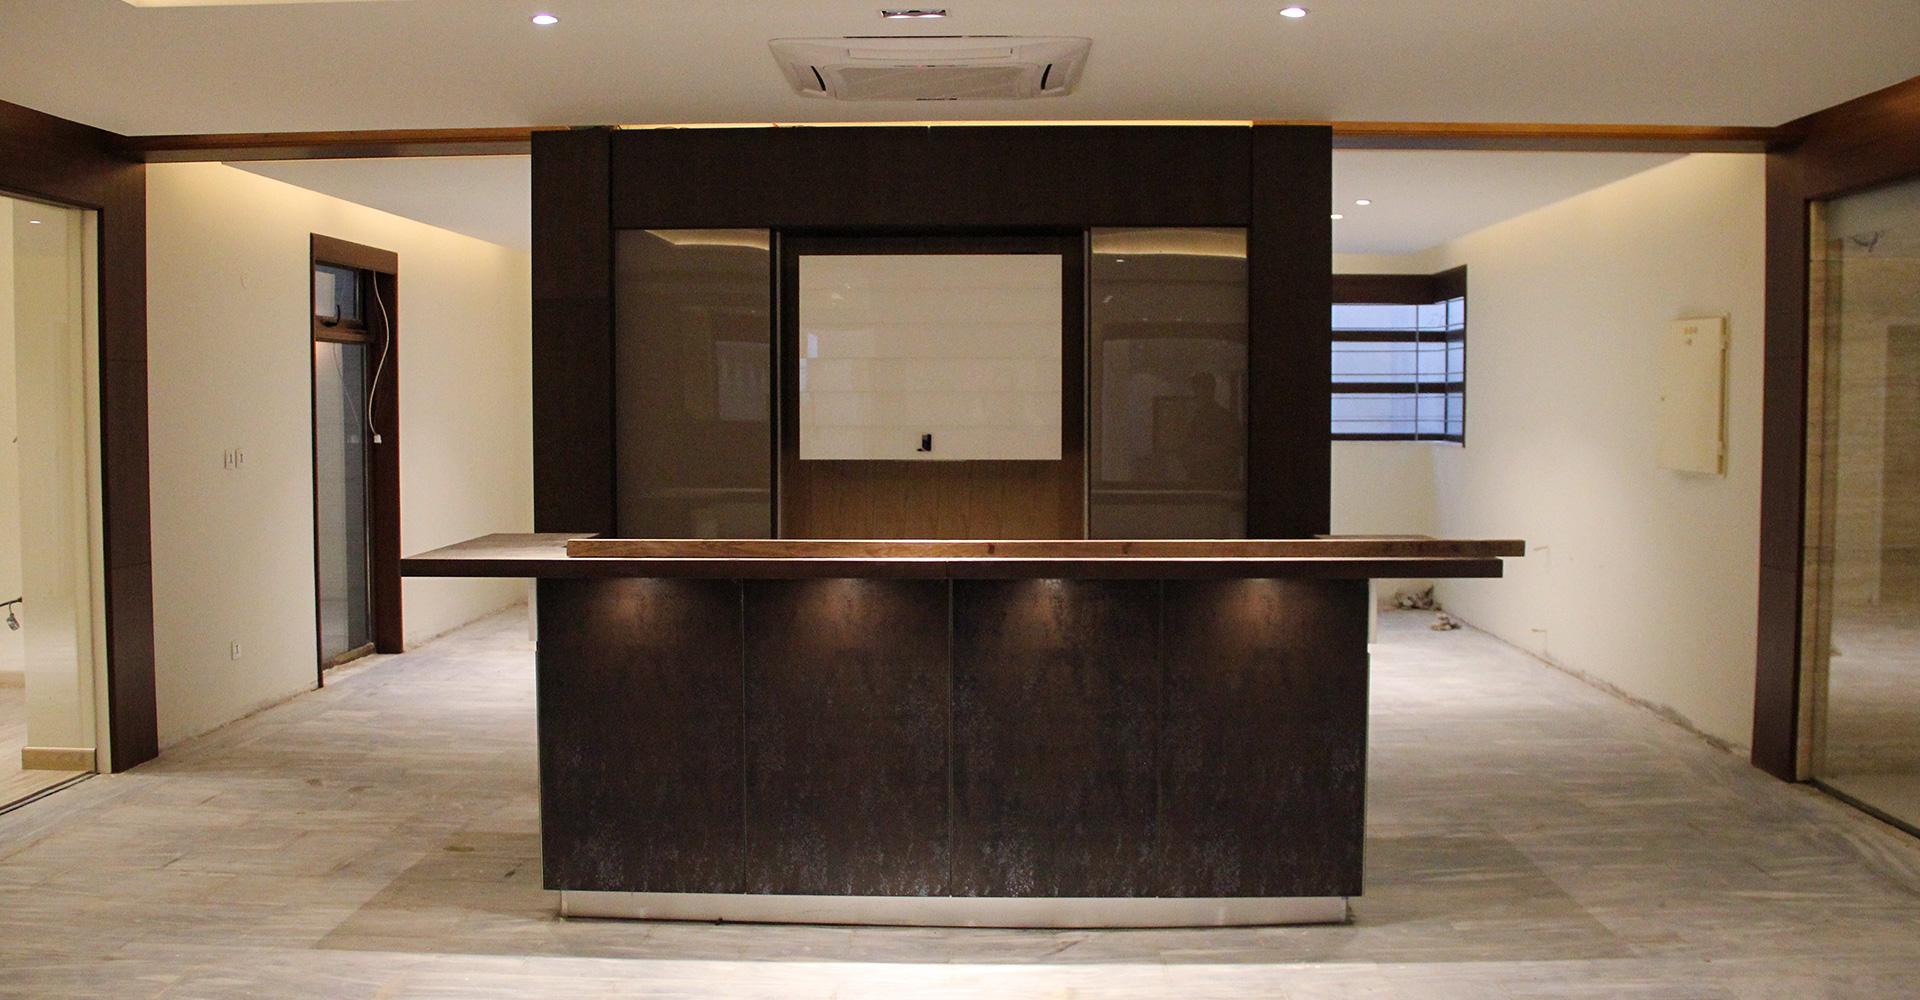 Residential-Interior-Design-Hiline-Lahore-portfolio-65J-DHA-EME-05 (16)